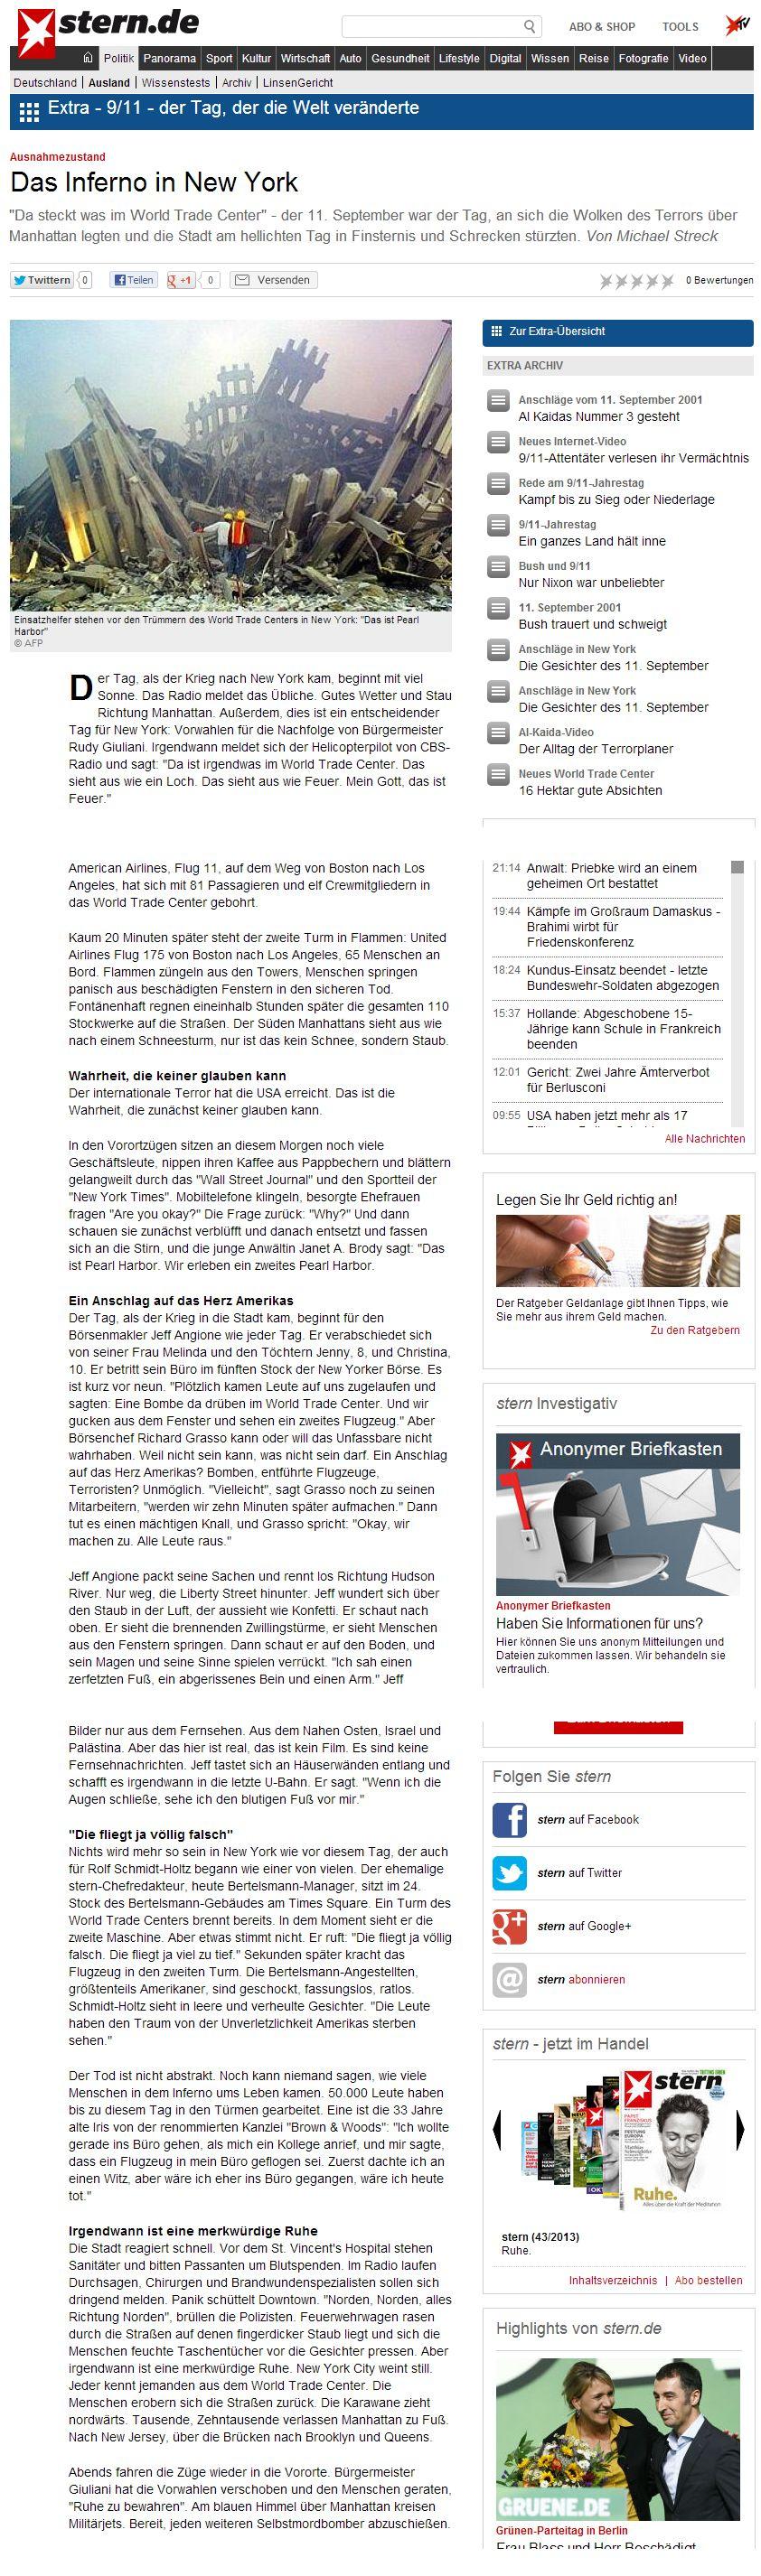 Die deutschen Geschichtenerzähler der STERN Redaktion